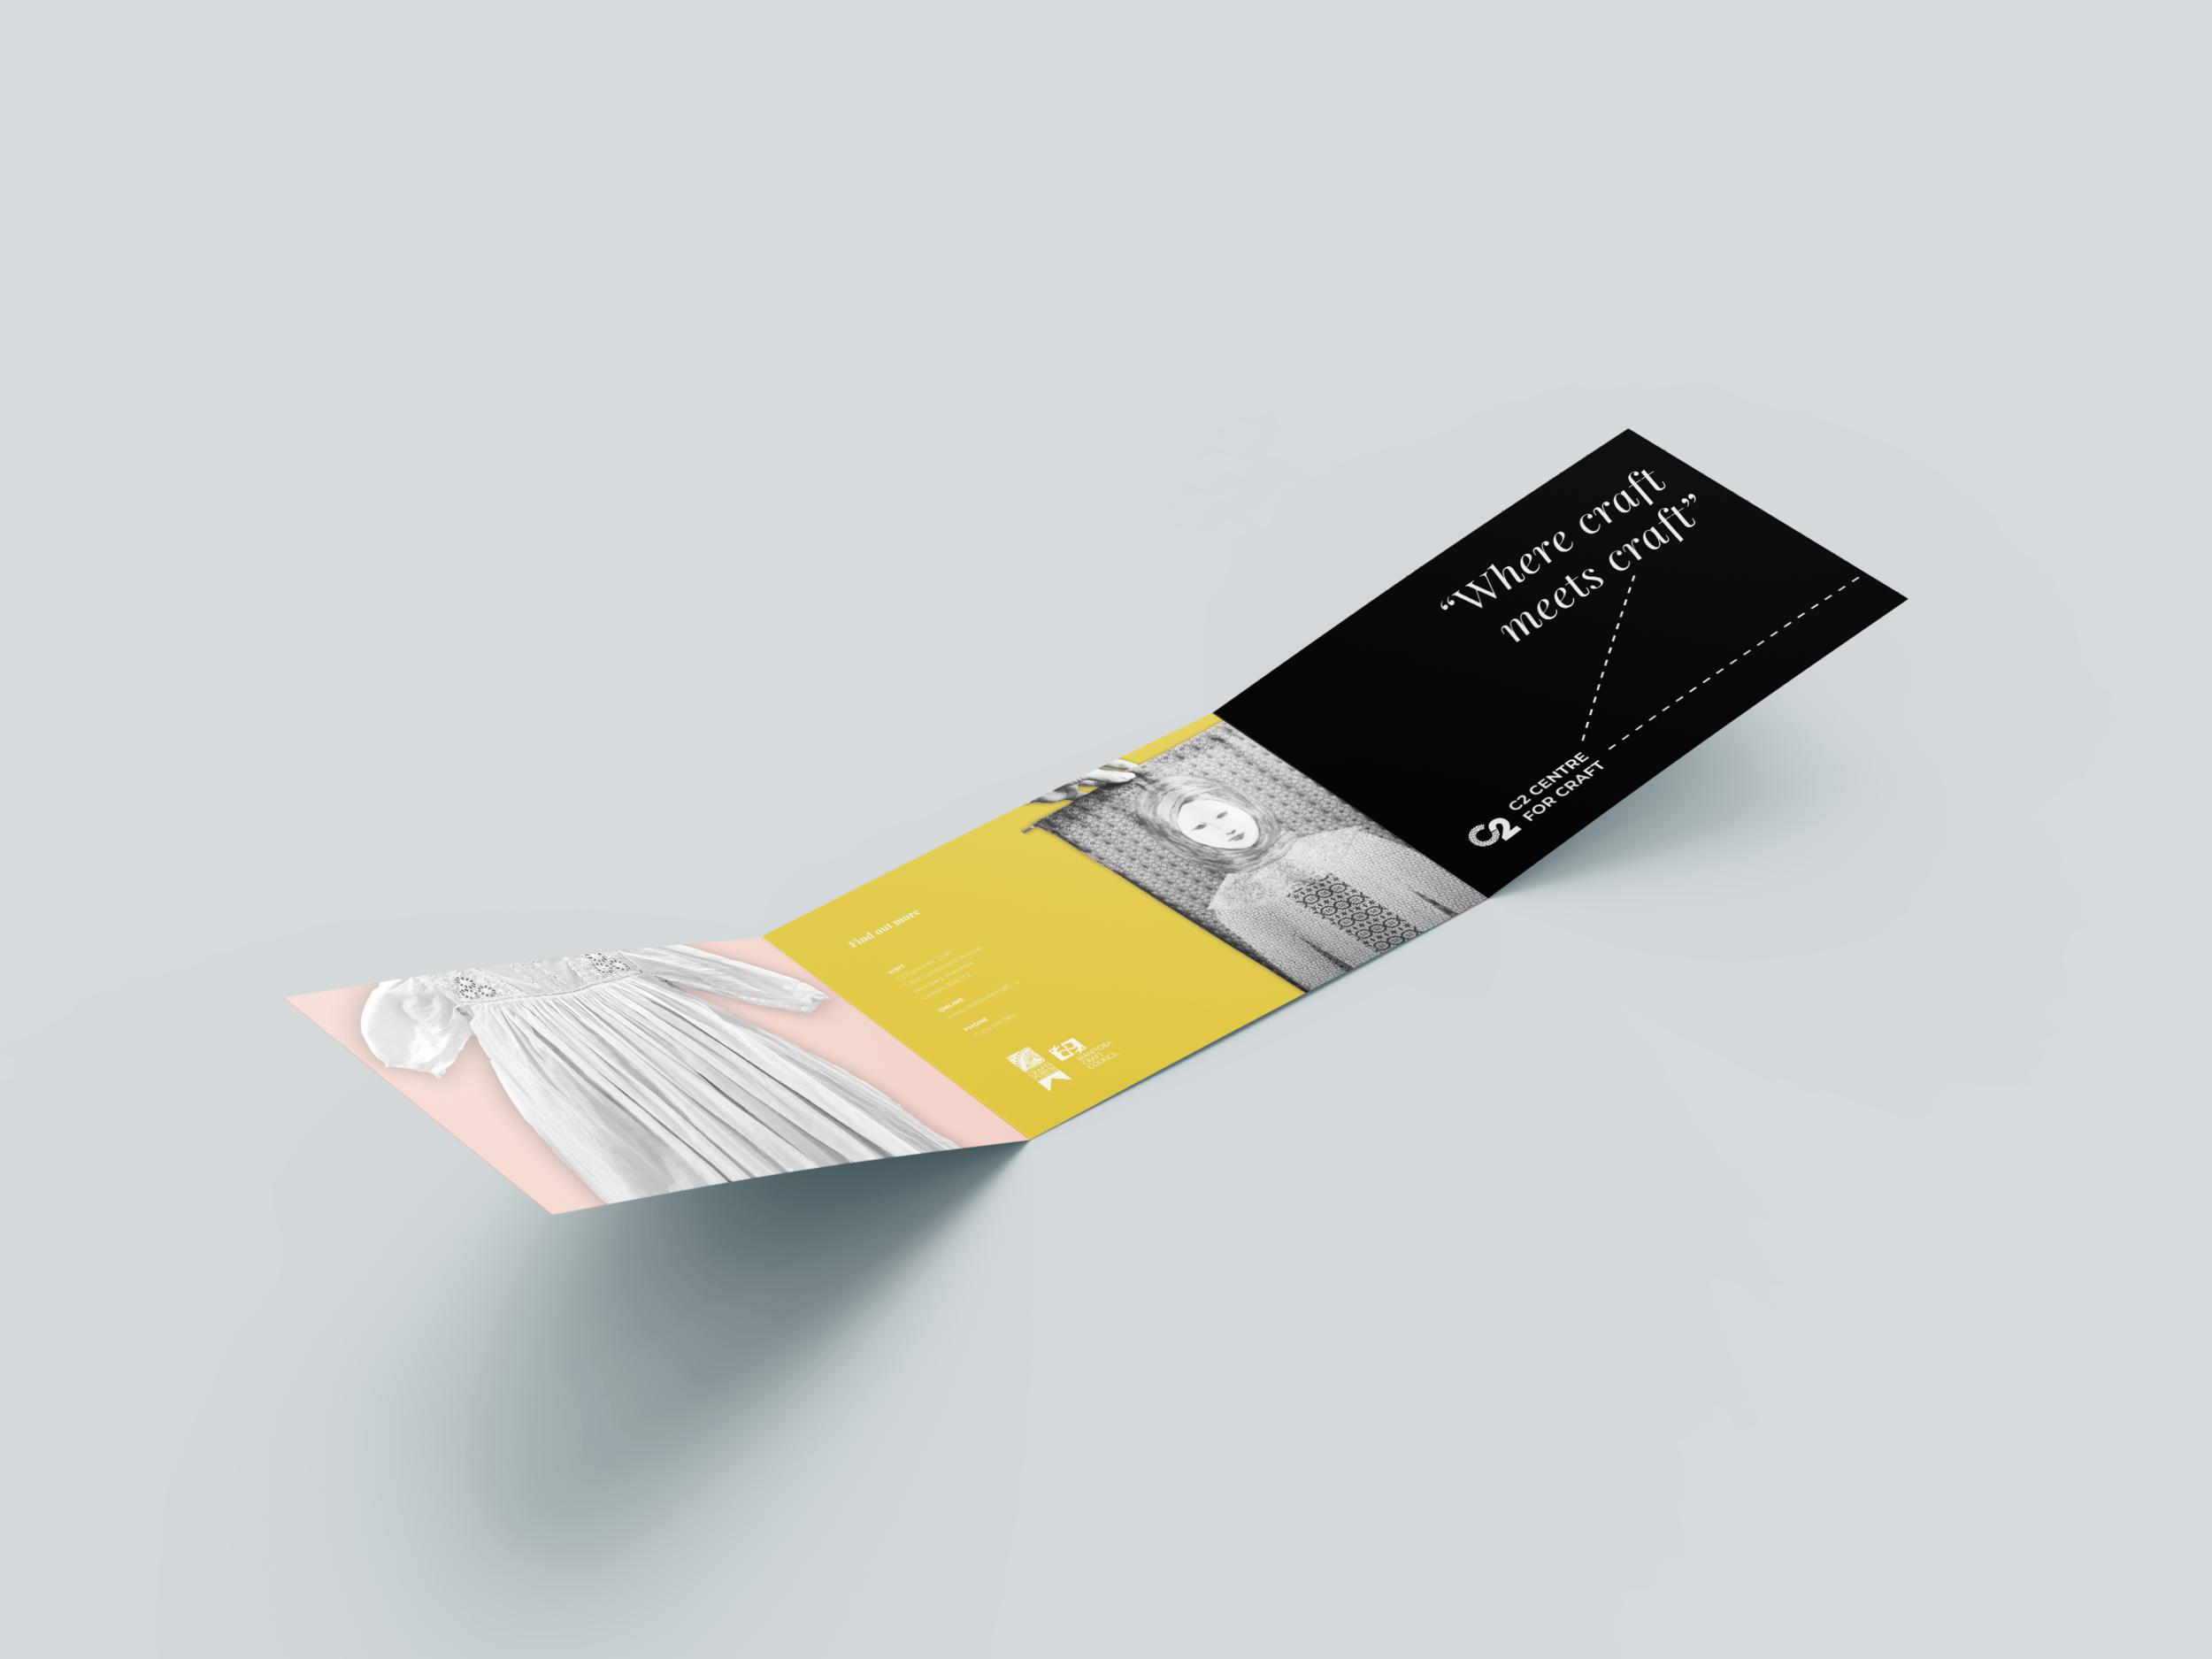 Trifold_A5_Landscape_Leaflet_Mockup_1.png